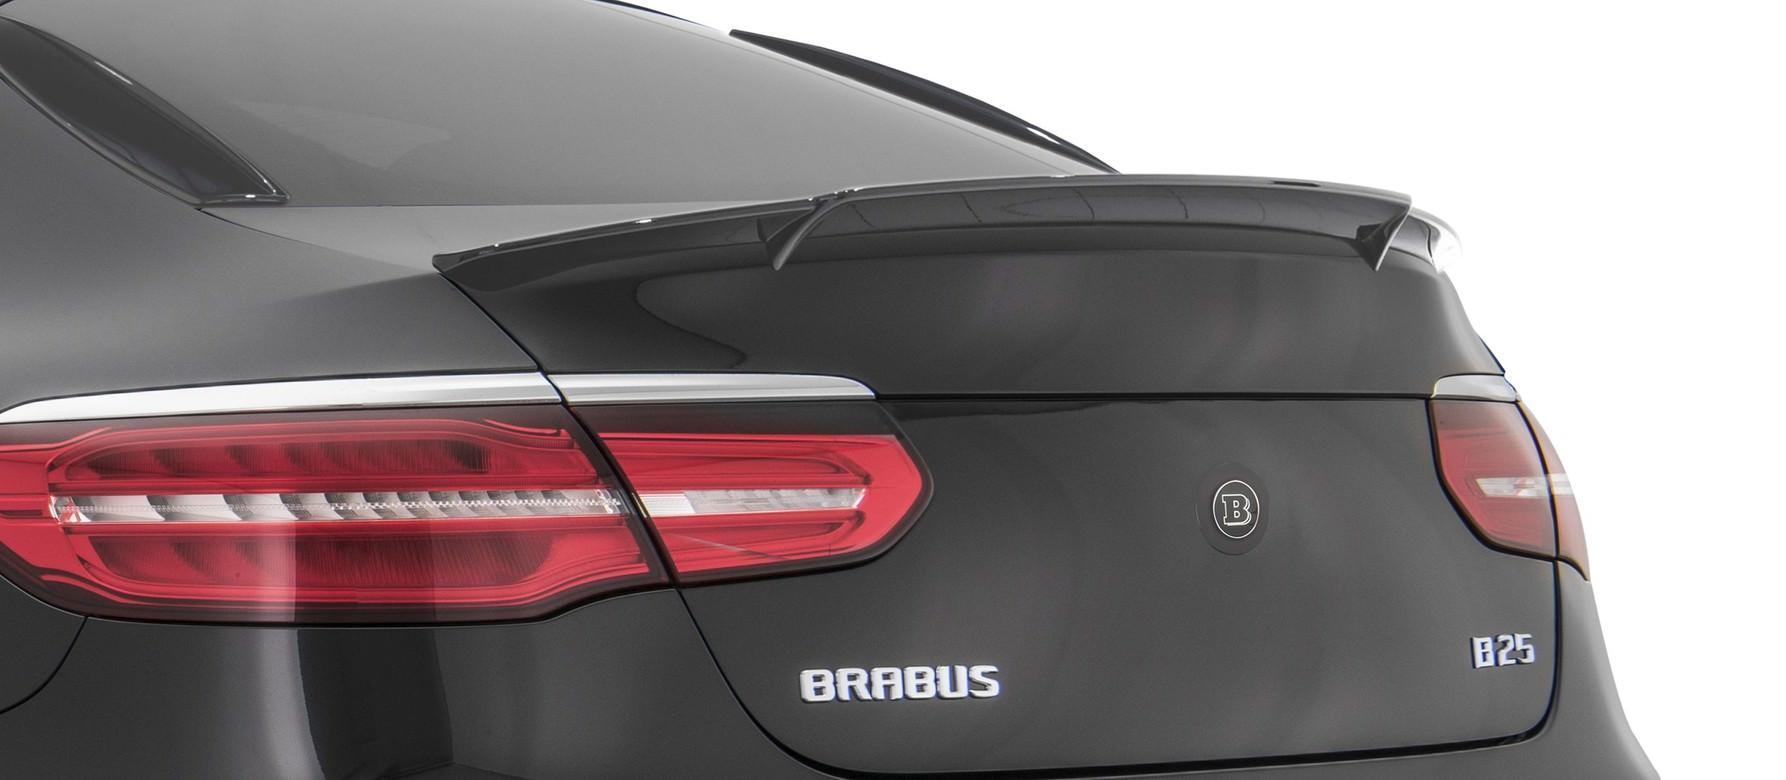 Mercedes bemz c 253 SUV GLC Coupe 2016 17 18 AMG alerón alerón sin pintar